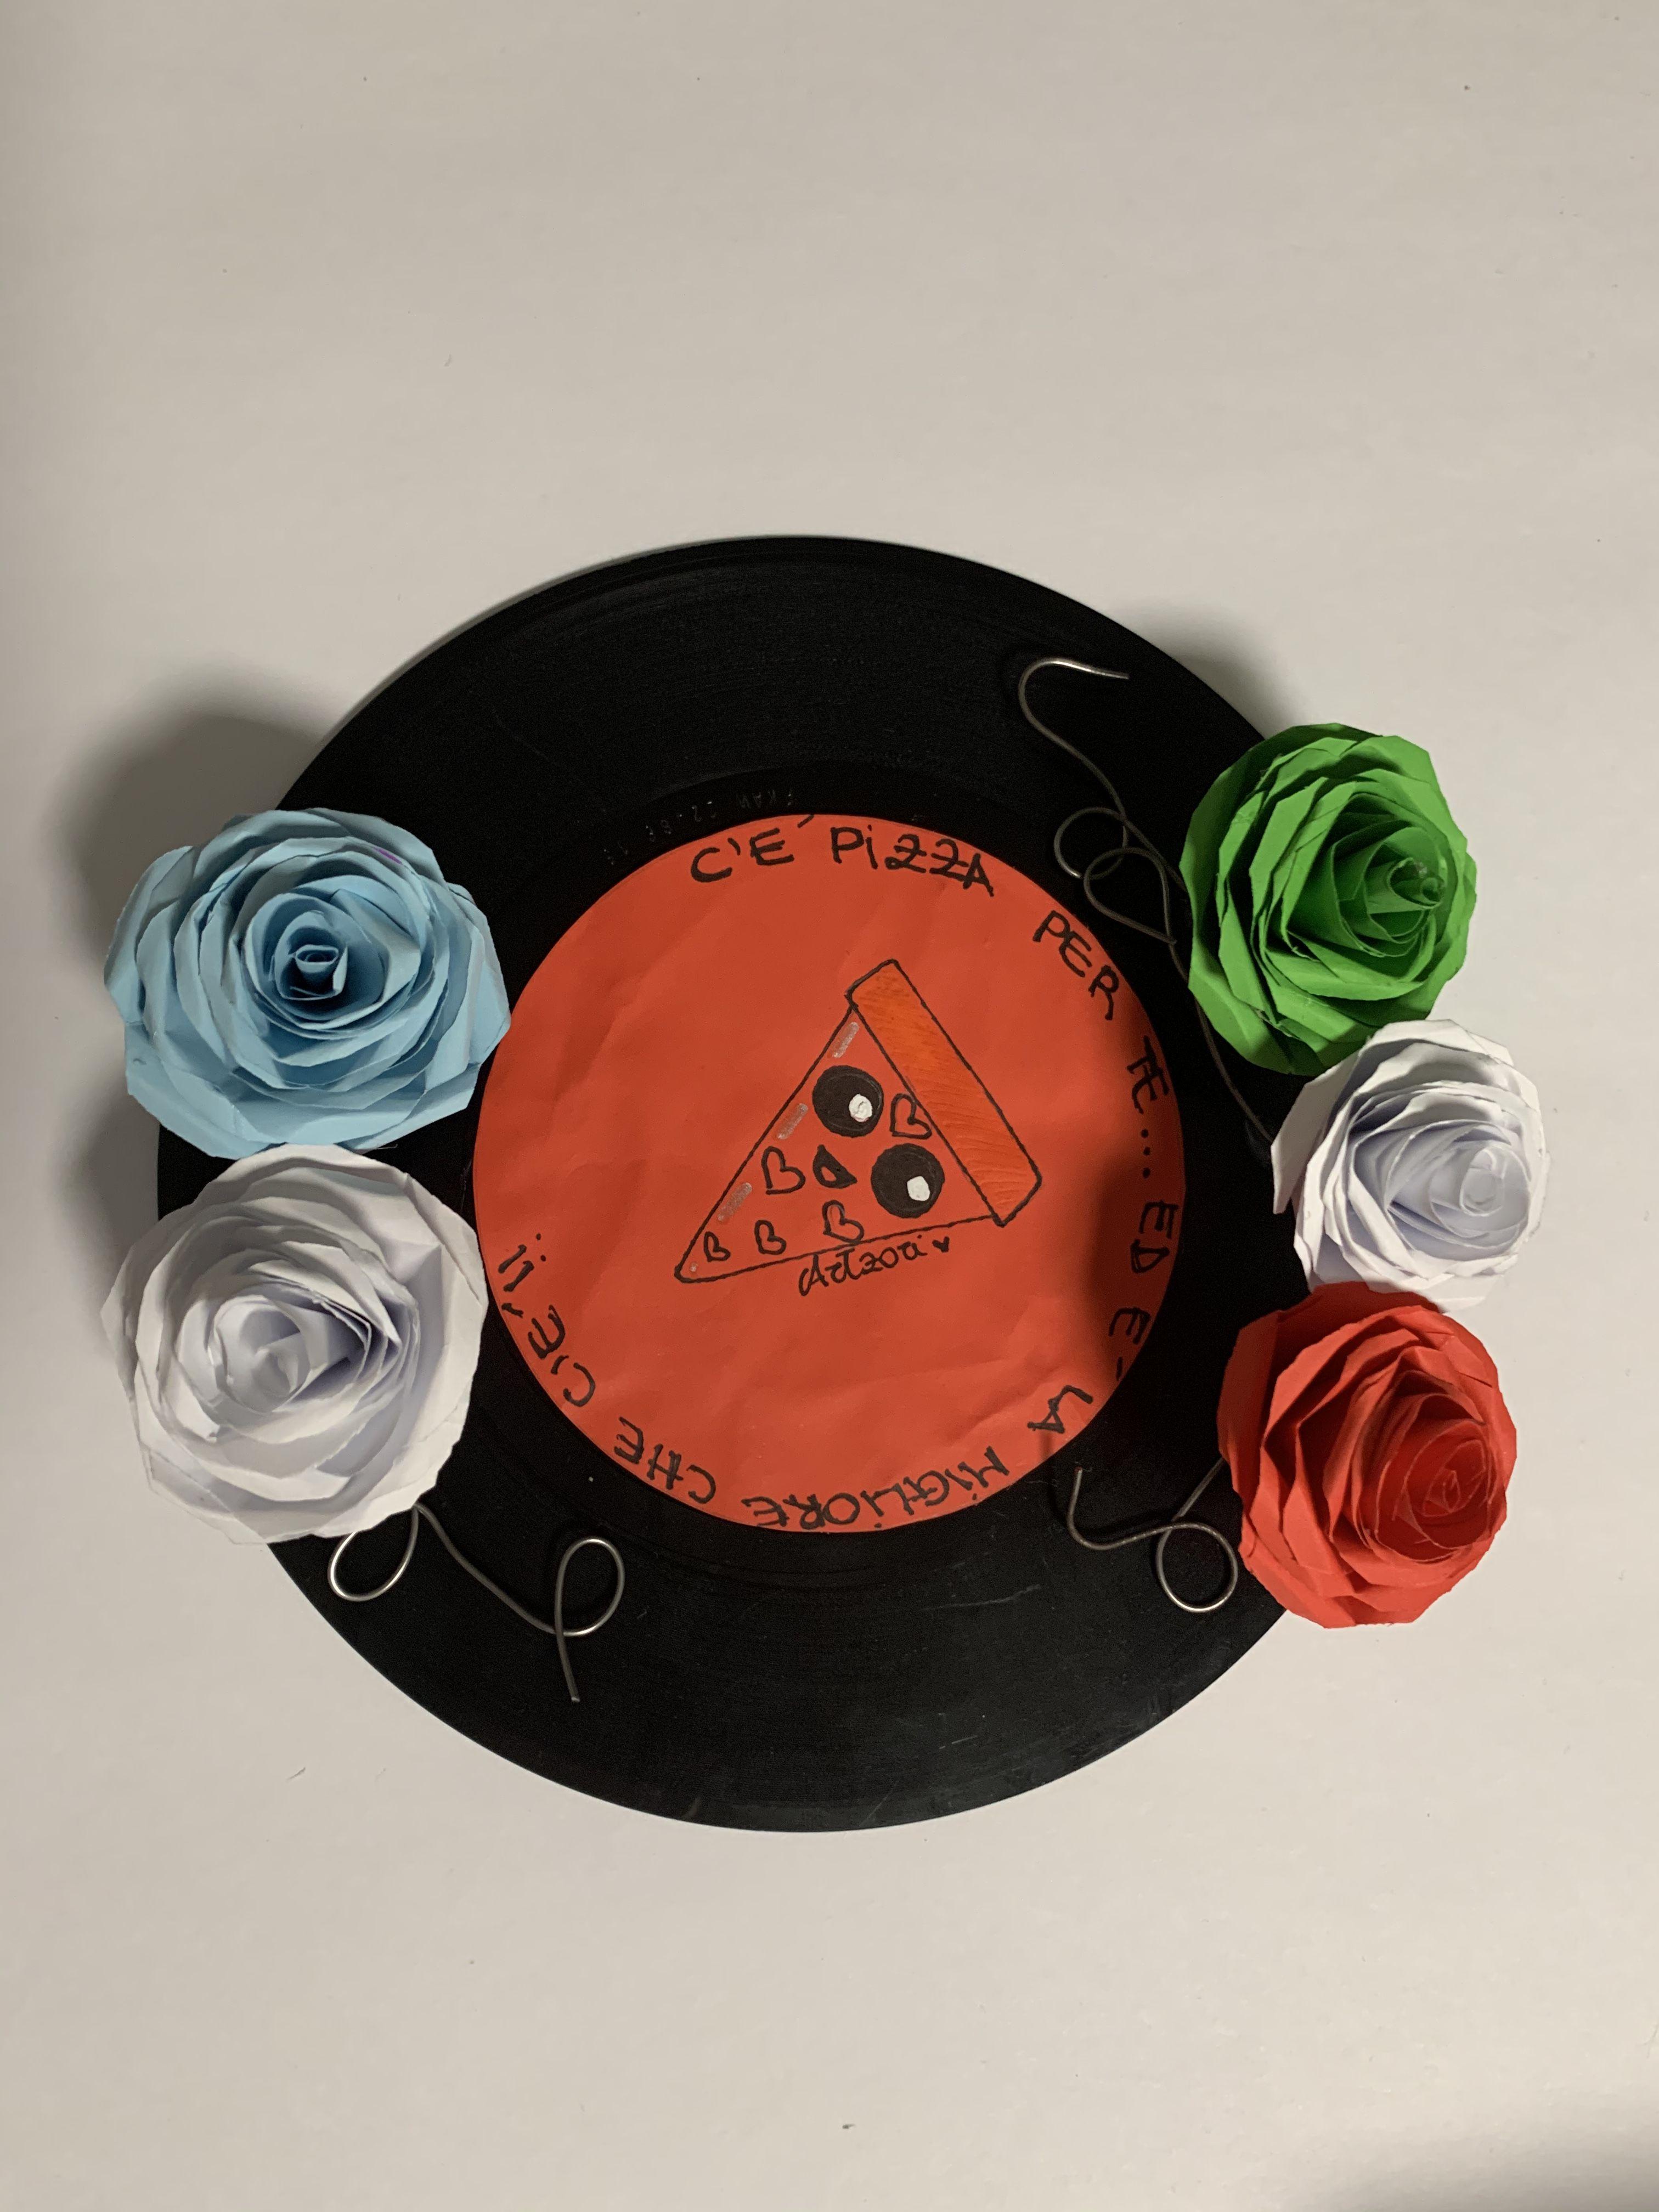 Appendere 33 Giri delizioso disco vinile da 33 giri,personalizzato e reso